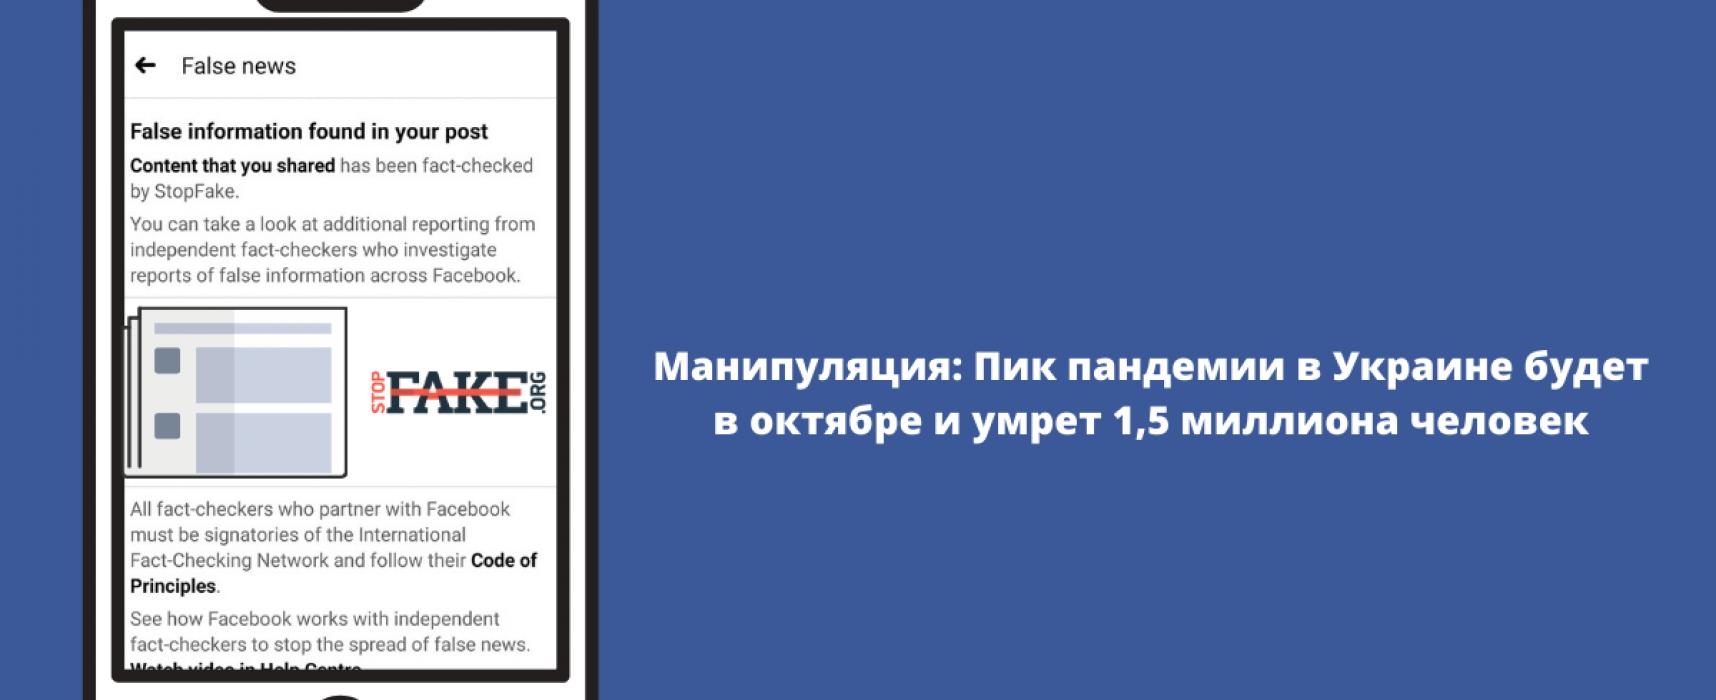 Манипуляция: Пик пандемии в Украине будет в октябре и умрет 1,5 миллиона человек